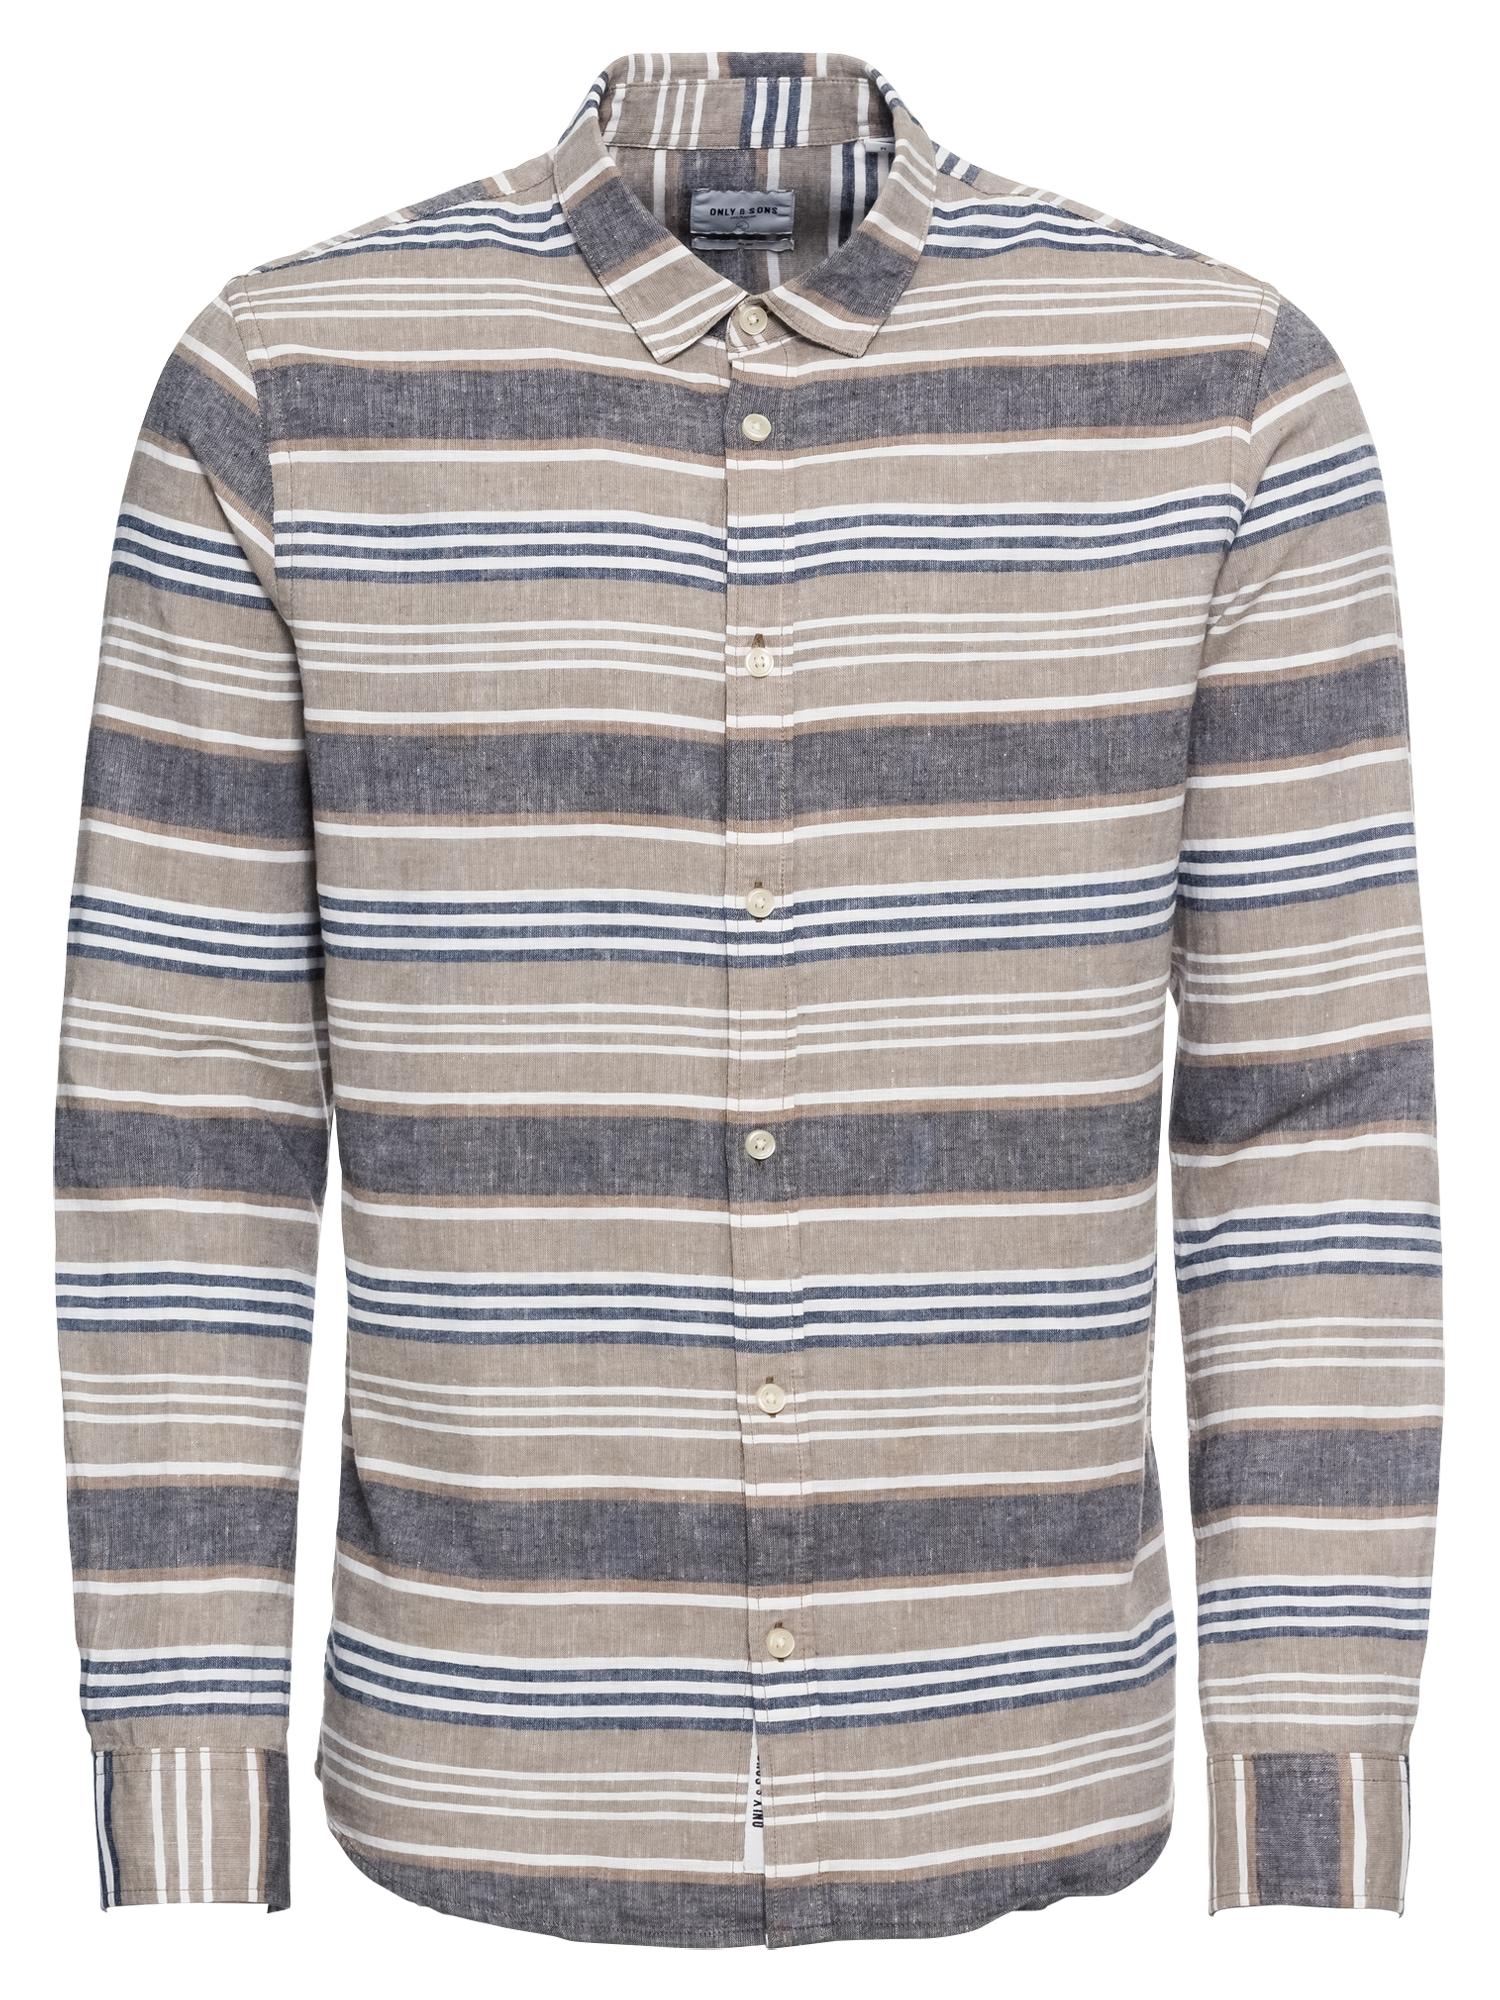 Košile CAIDEN tmavě šedá mix barev Only & Sons